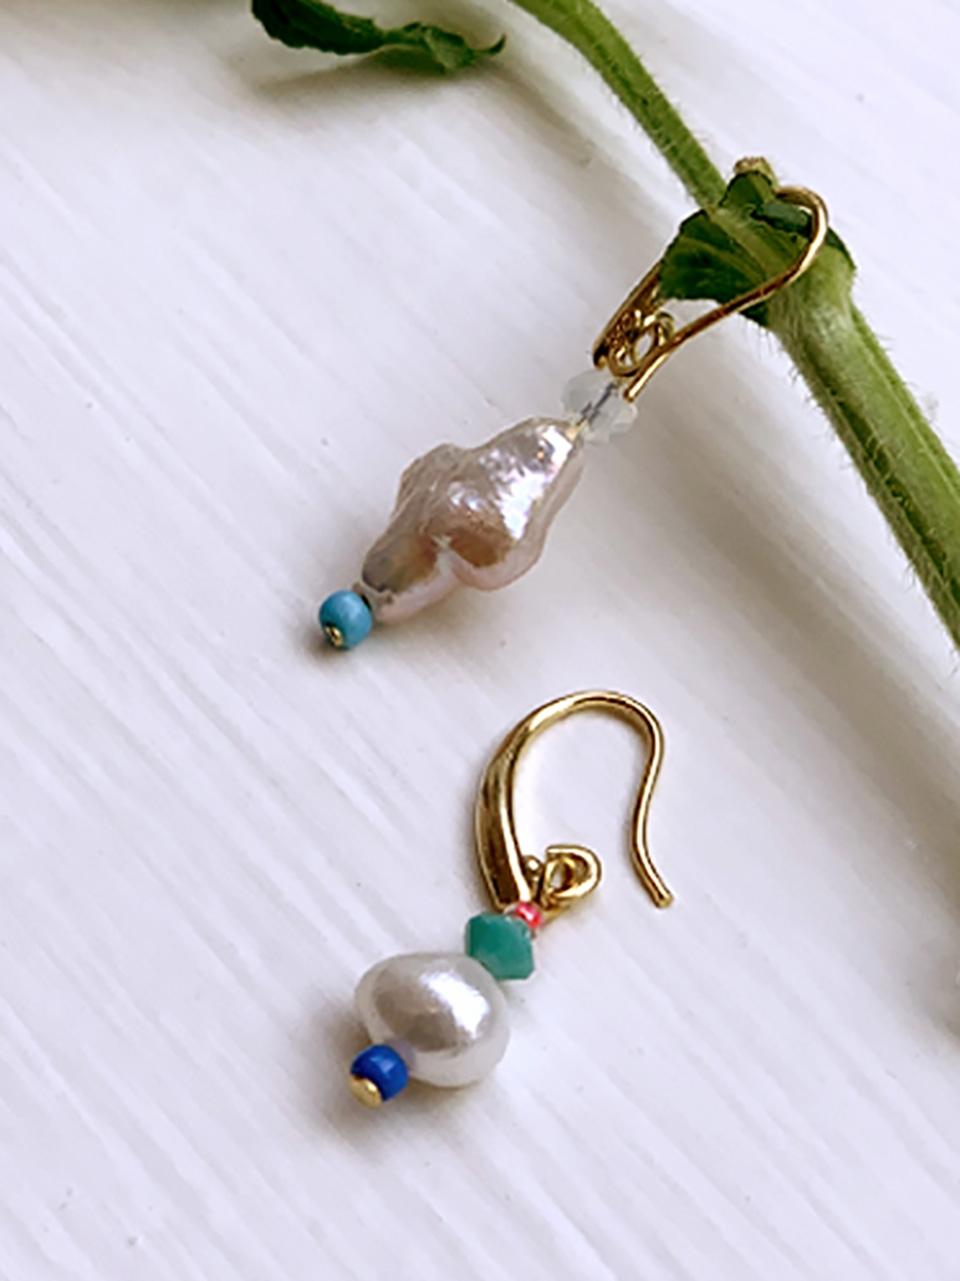 Beaded hooked earrings